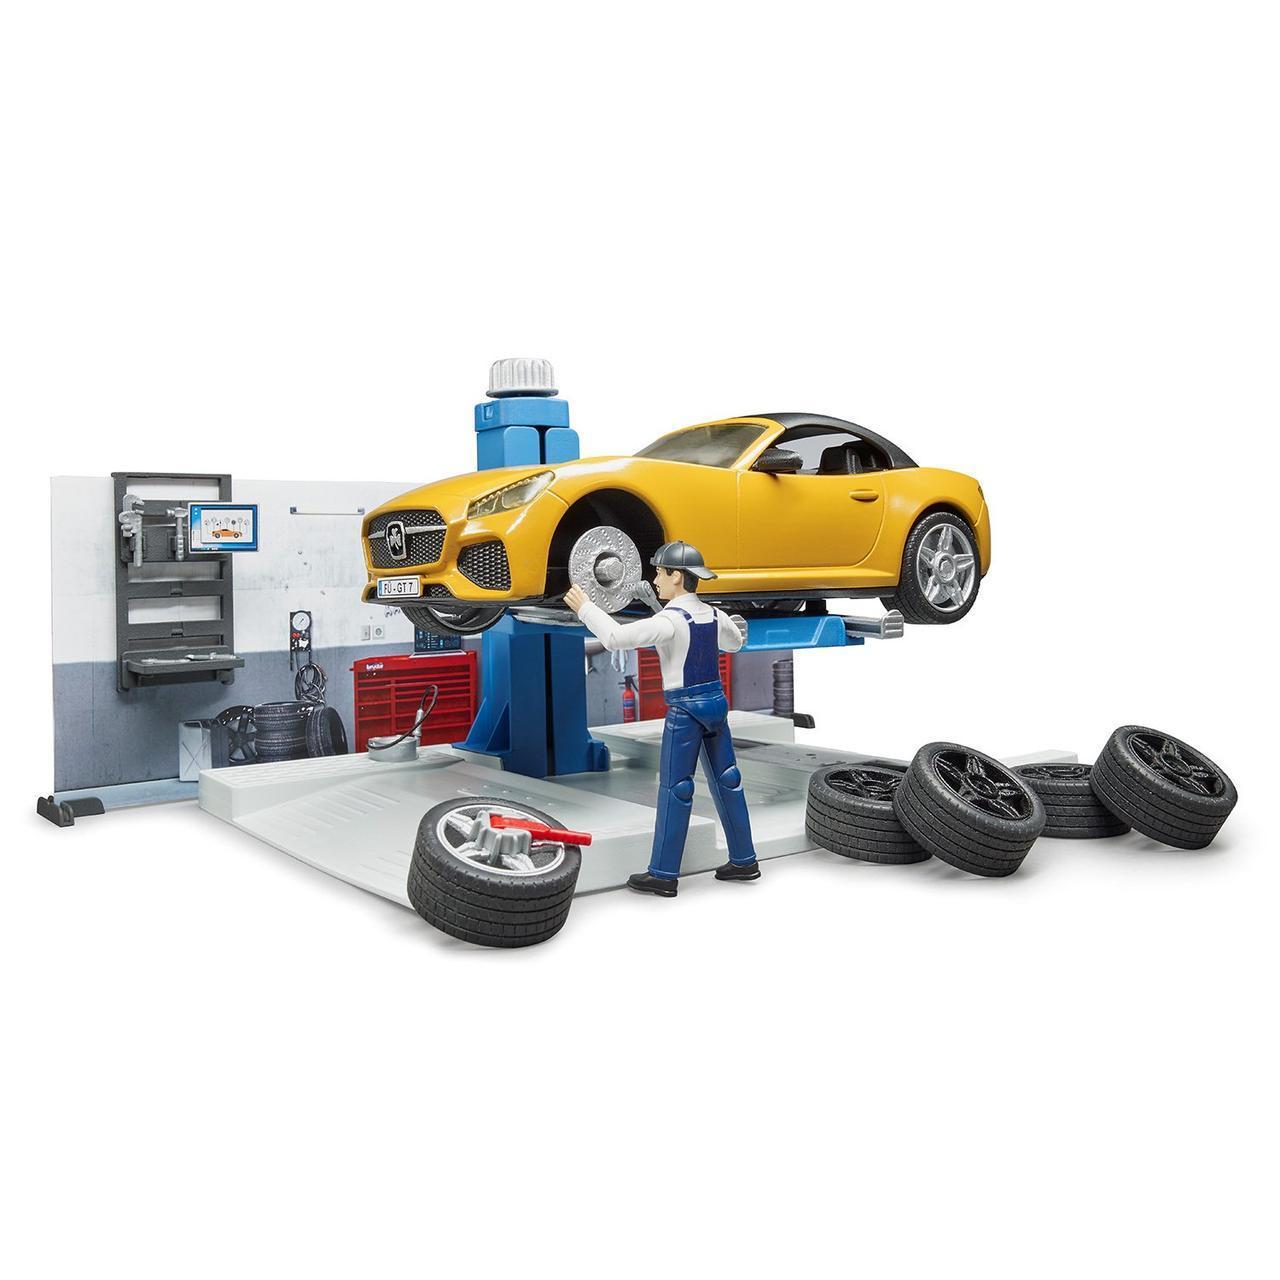 Bruder Игрушечный Ремонтный набор для автомобиля Roadster (Брудер 62-110)